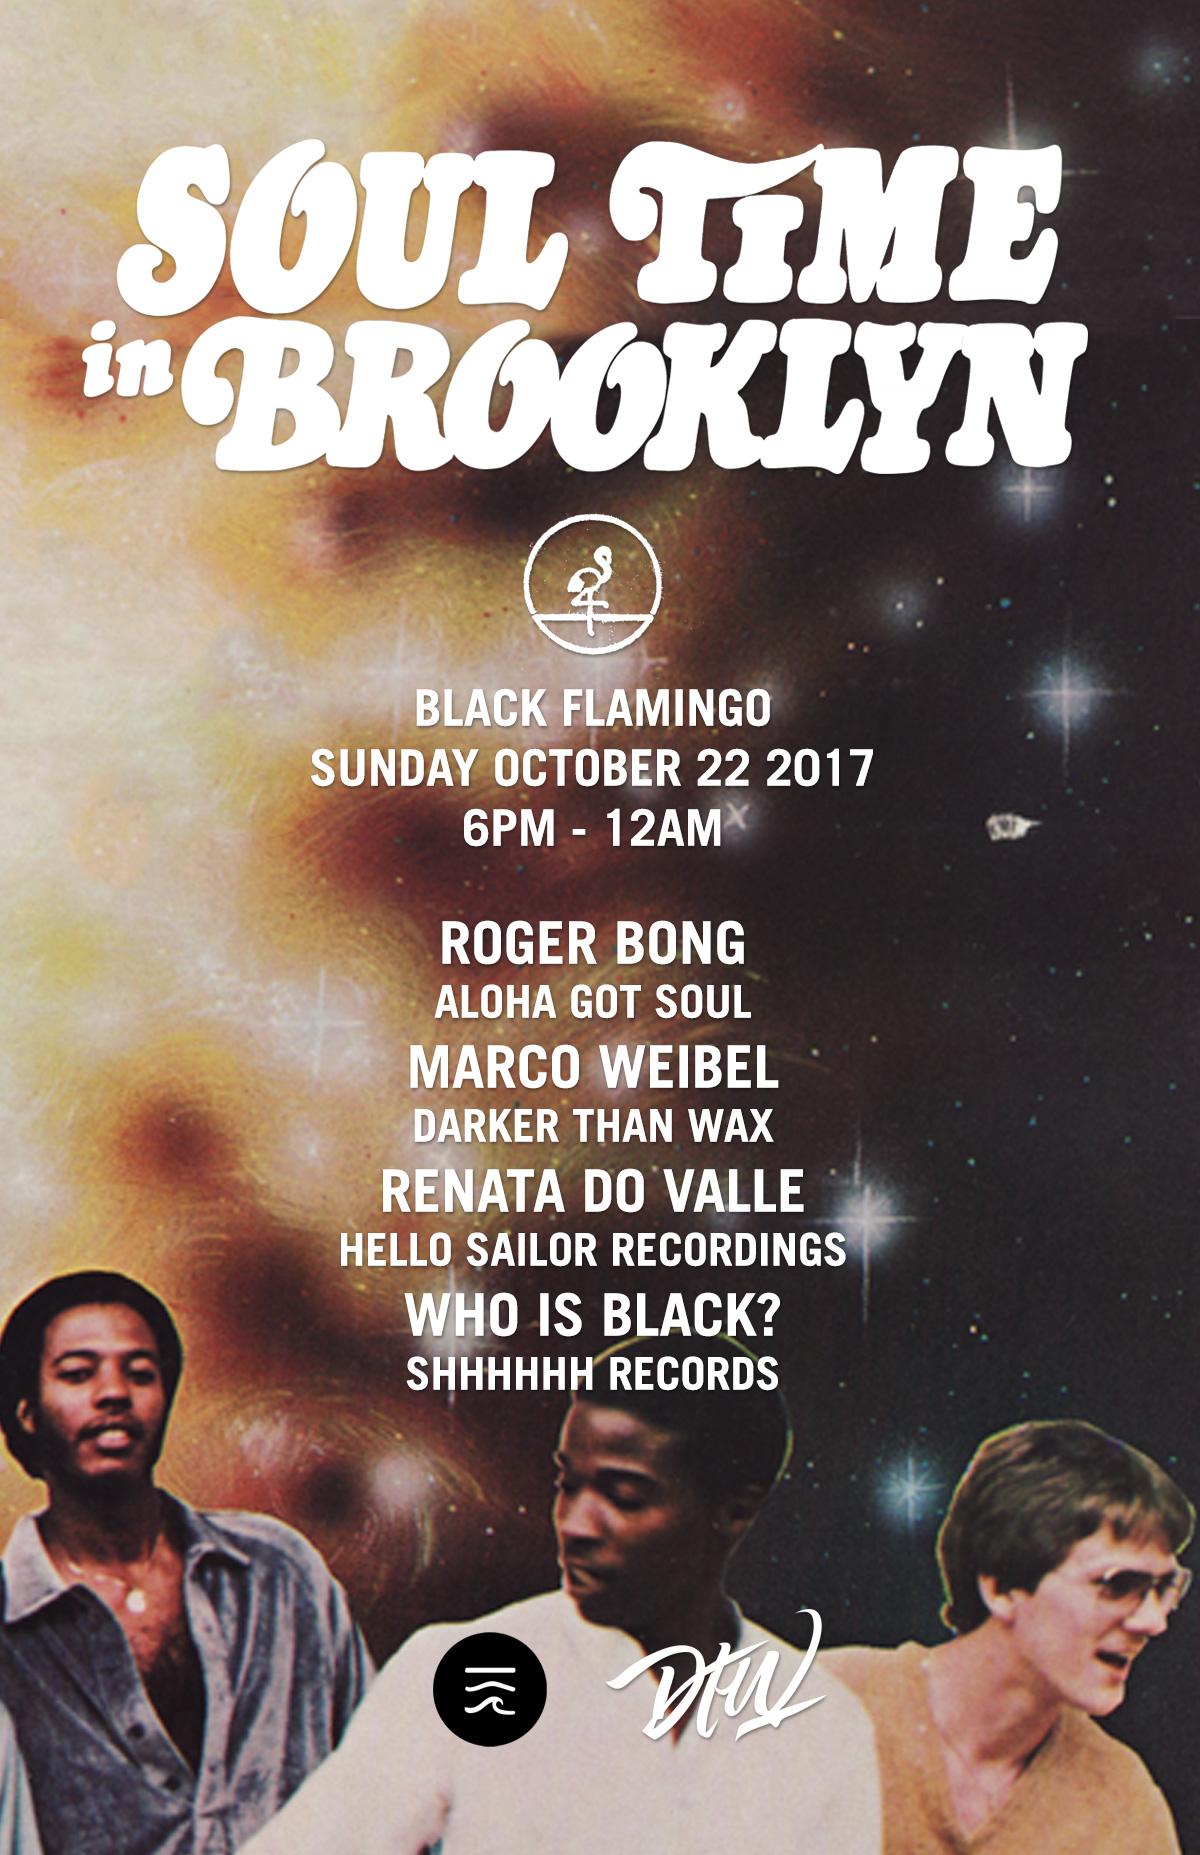 Soul-Time-Brooklyn-102017-v3.jpg